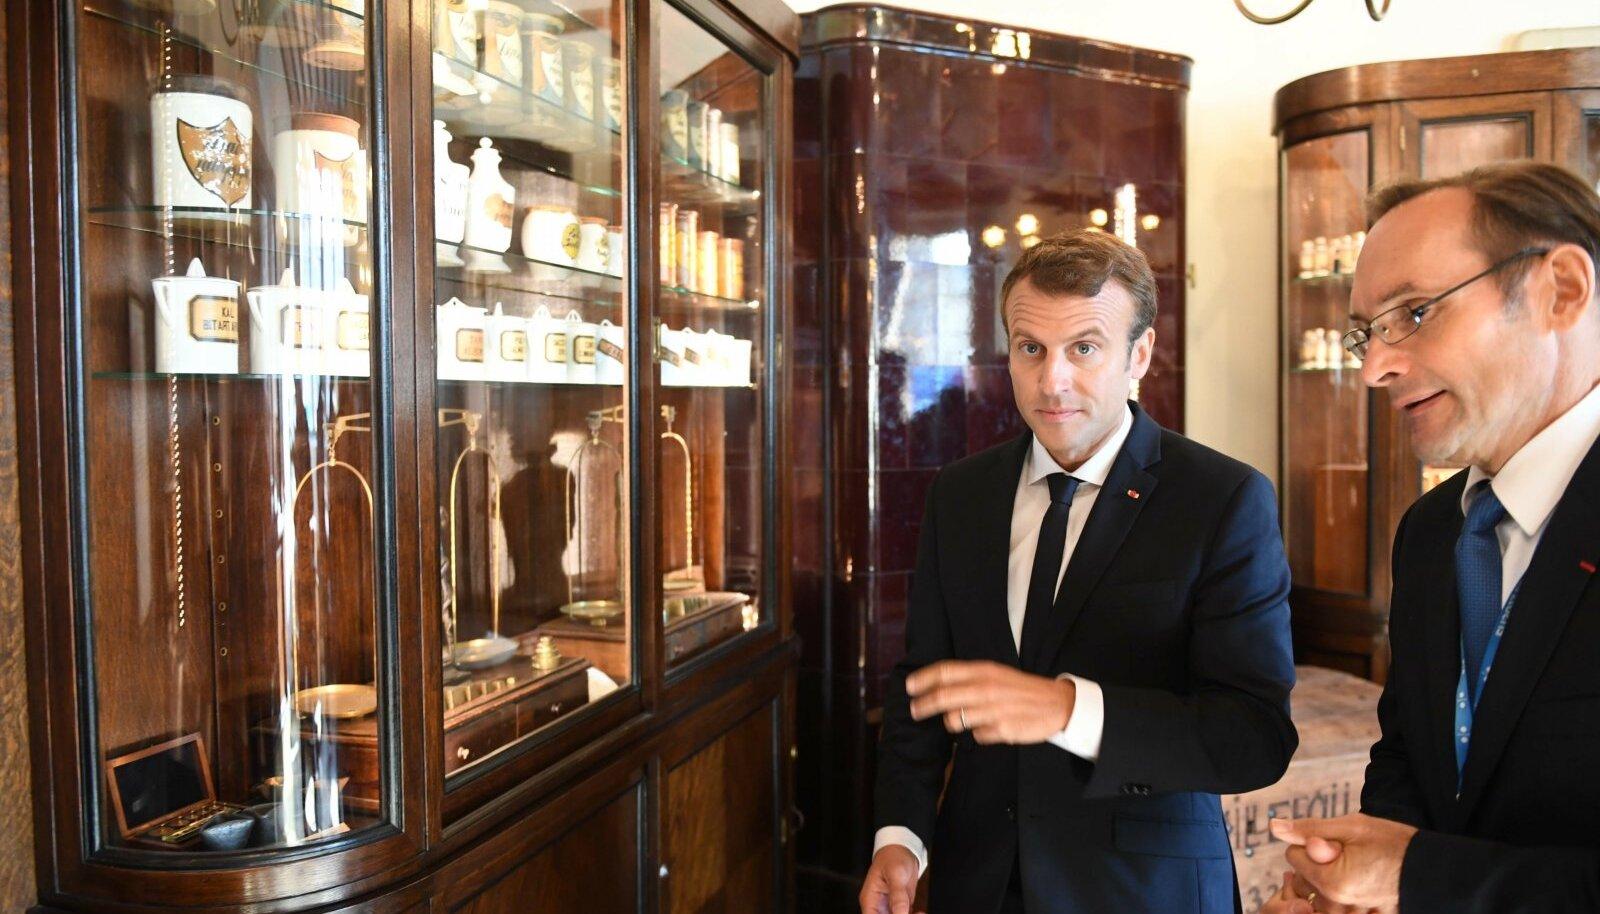 Raeapteeki külastas 2017. aasta septembris Eestis käies ka prantsuse president Emmanuel Macron.